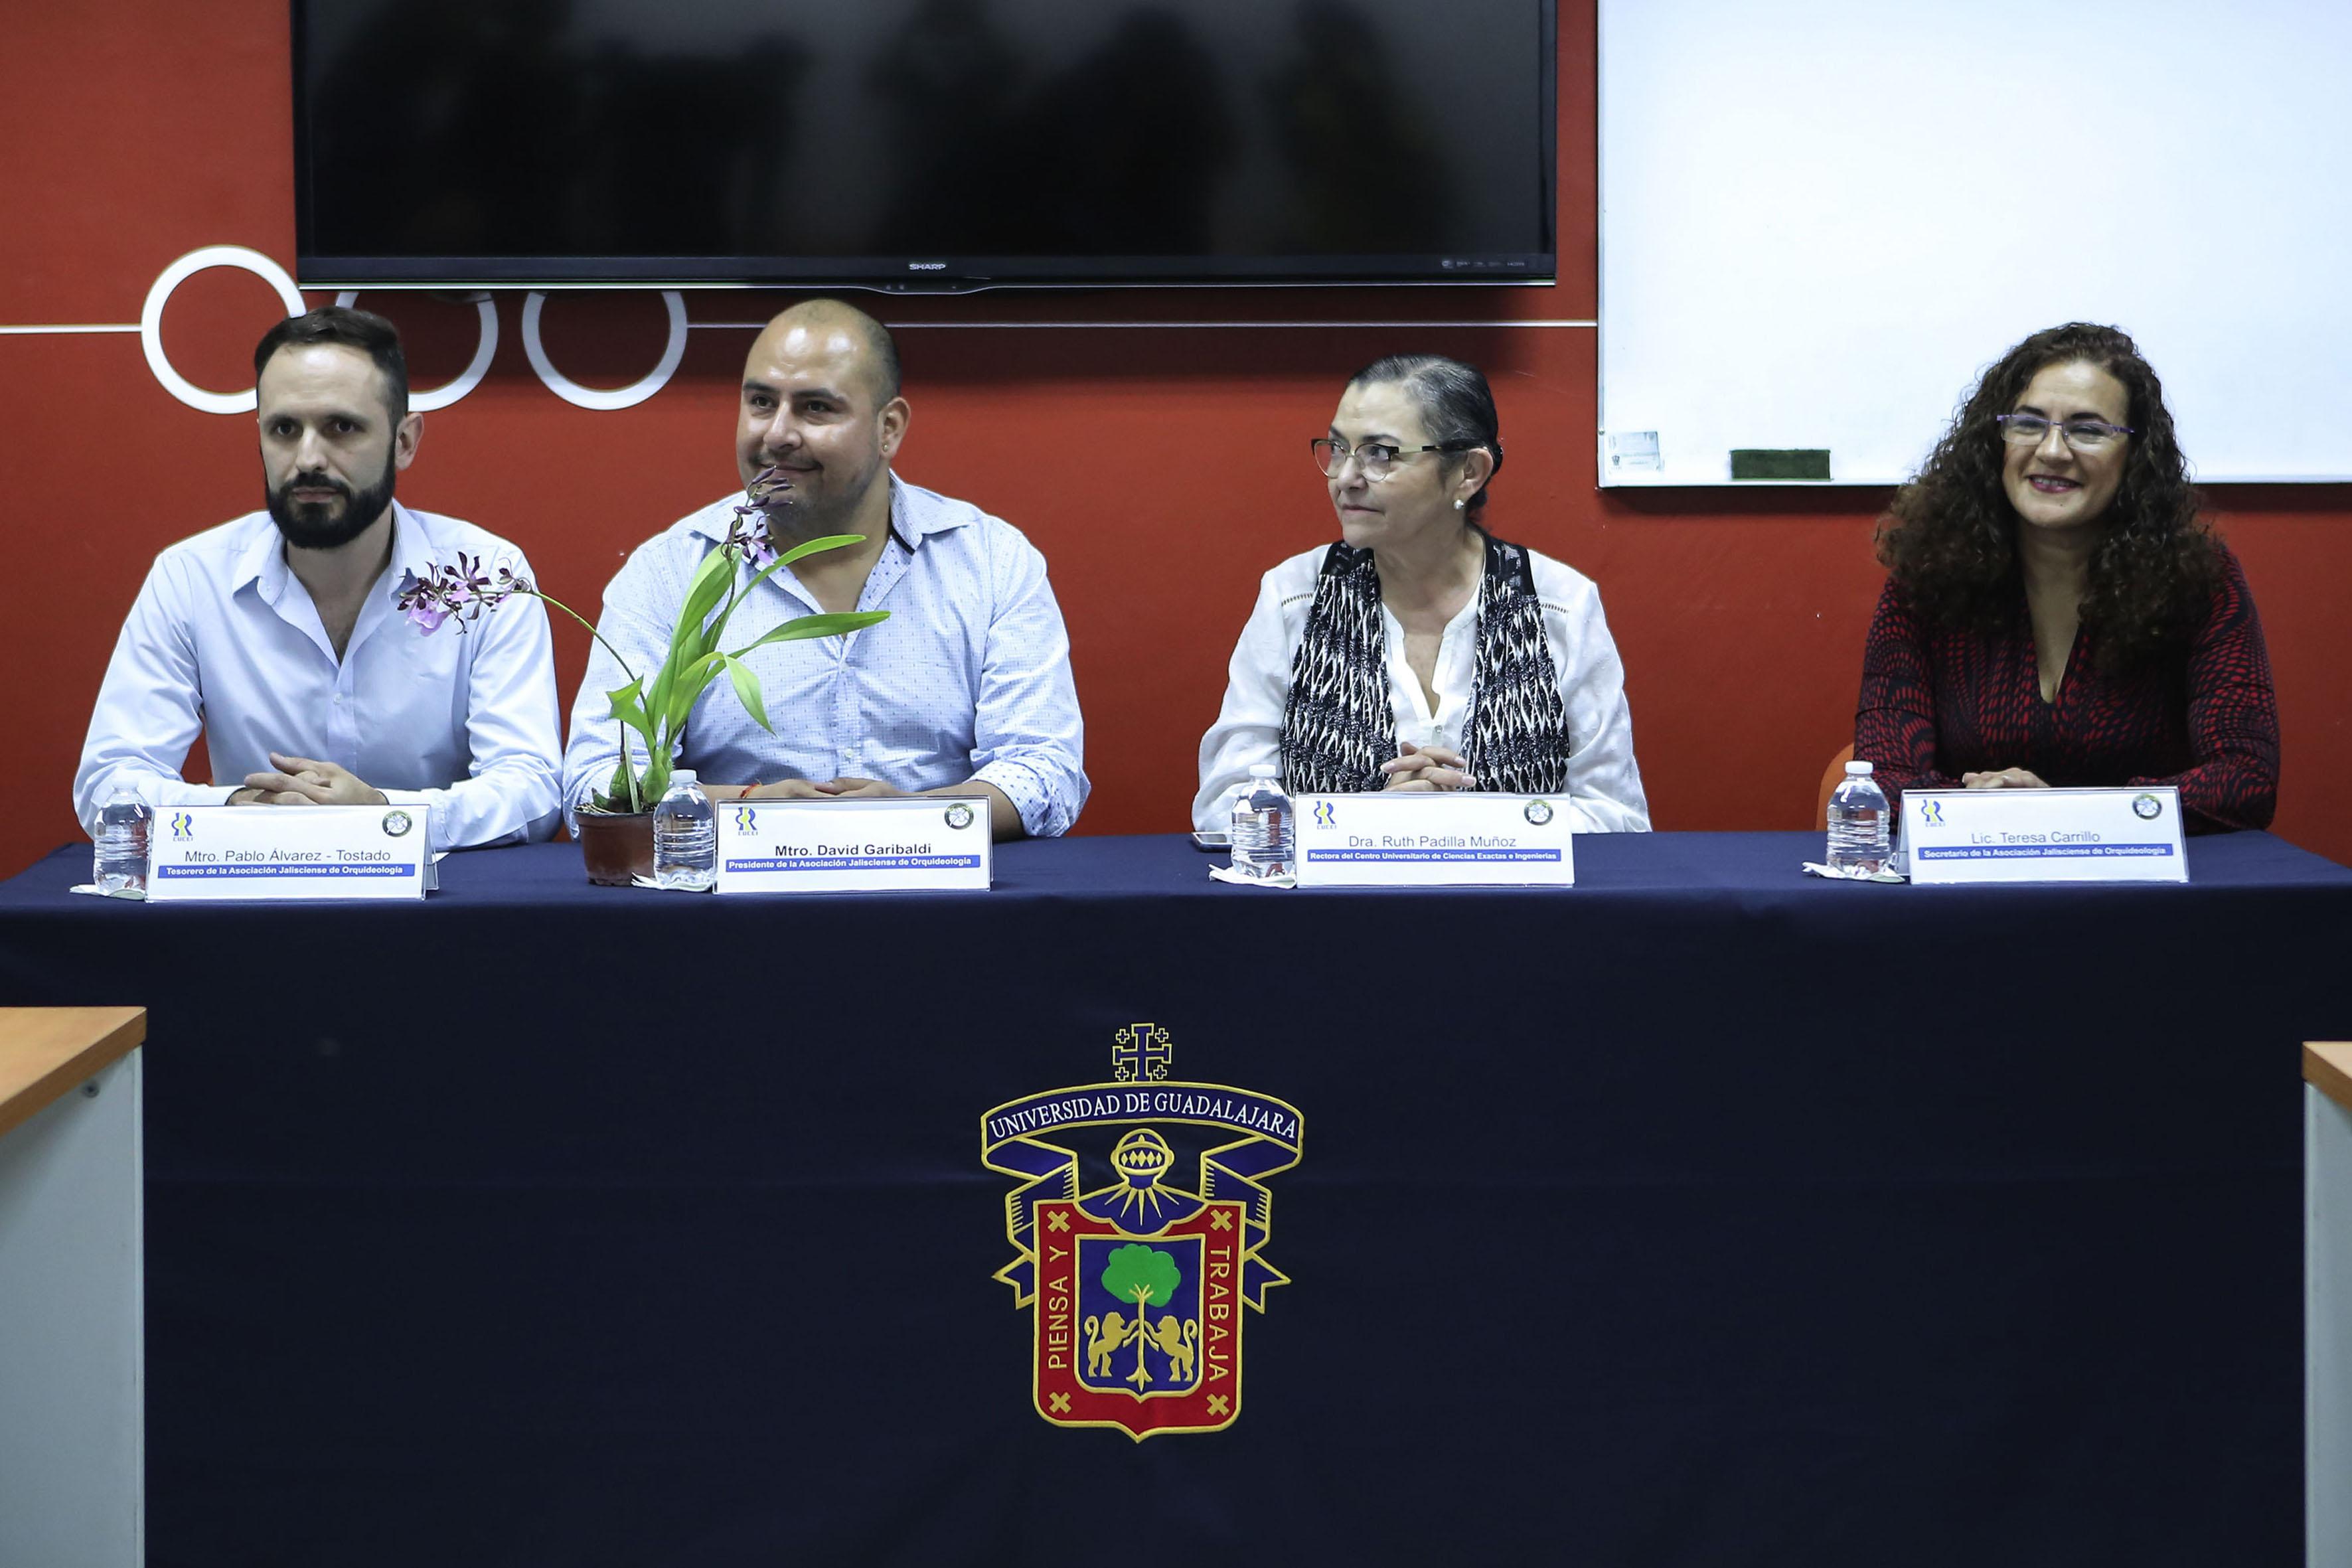 Representantes de la Asociación Jalisciense de Orquideología y Rectora del CUCEI, participando en la charla para la reintroducción urbana de orquídeas.